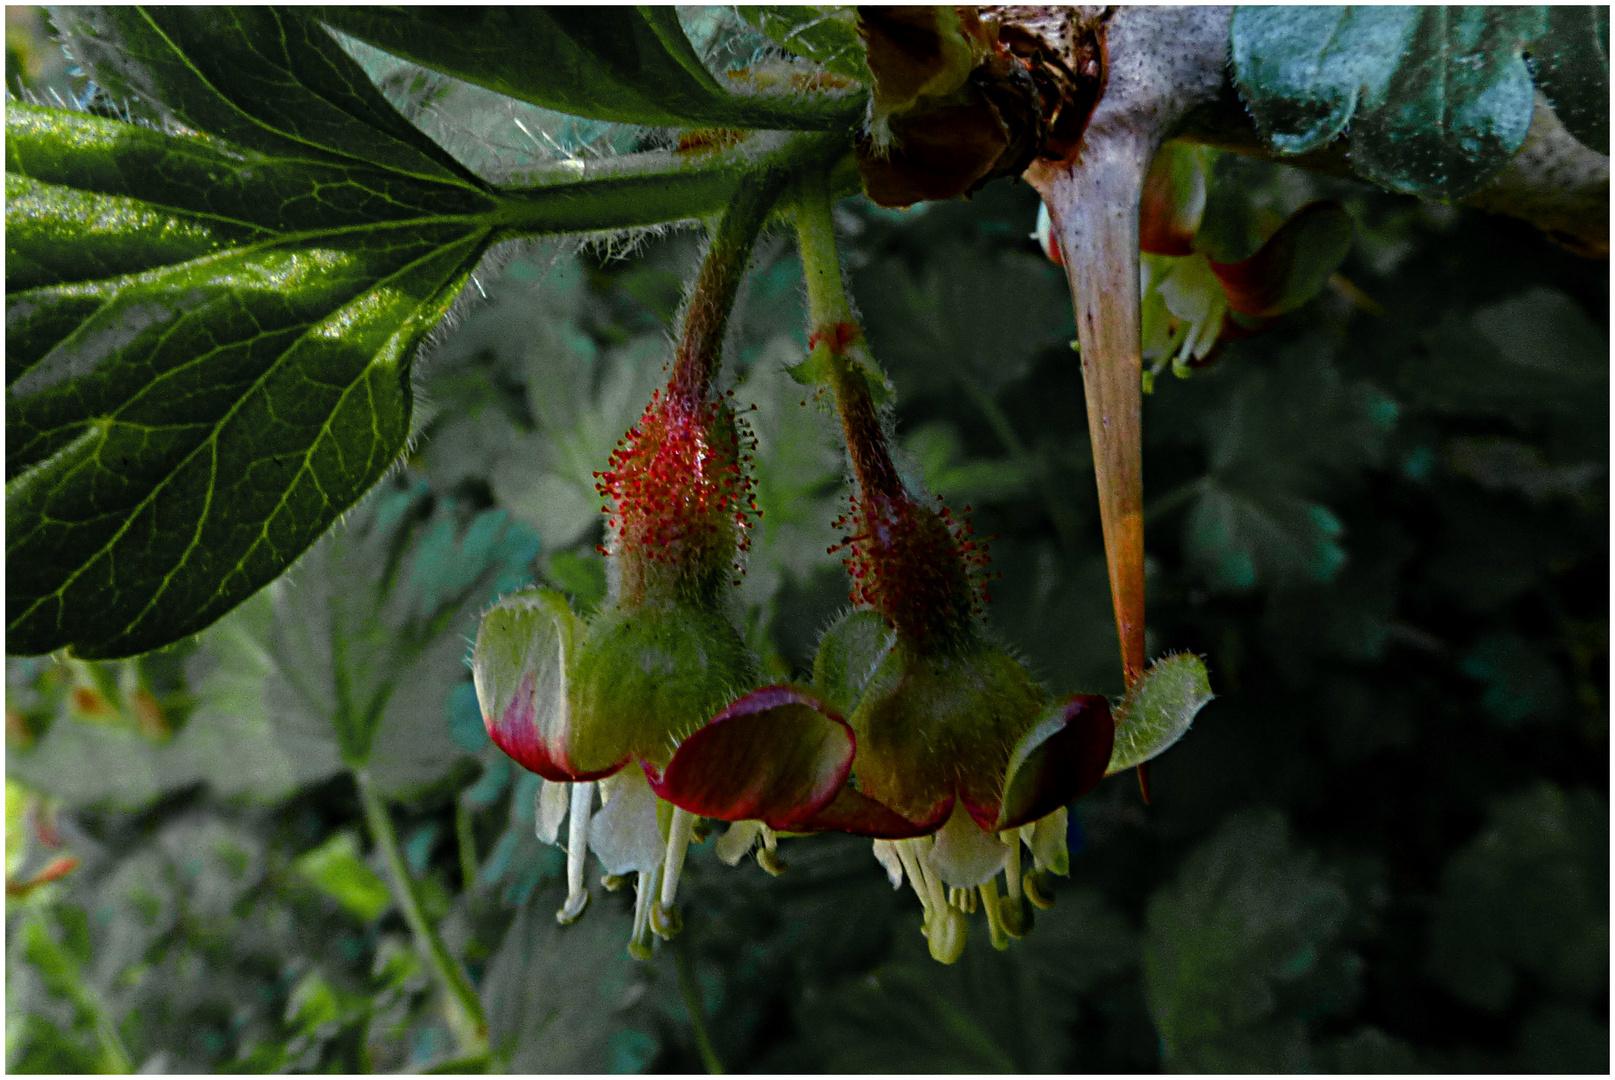 Stachelbeerblüten